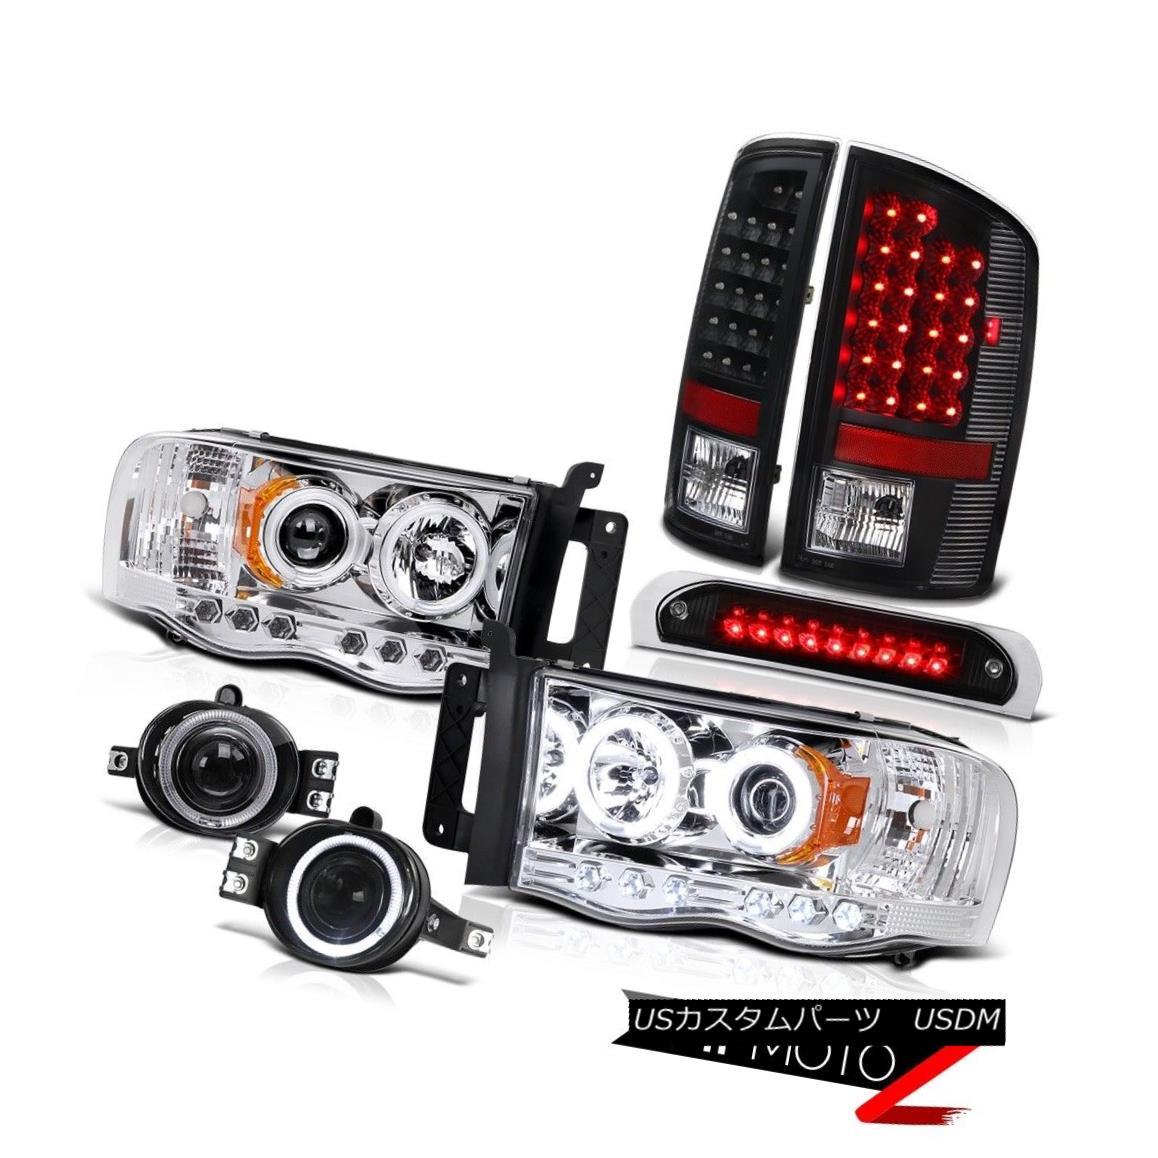 テールライト Angel Eye Headlight 02-05 Ram Turbo Diesel Tail Lamp Projector Fog Roof Stop LED エンジェルアイヘッドライト02-05ラムターボディーゼルテールランププロジェクターフォグルーフストップLED